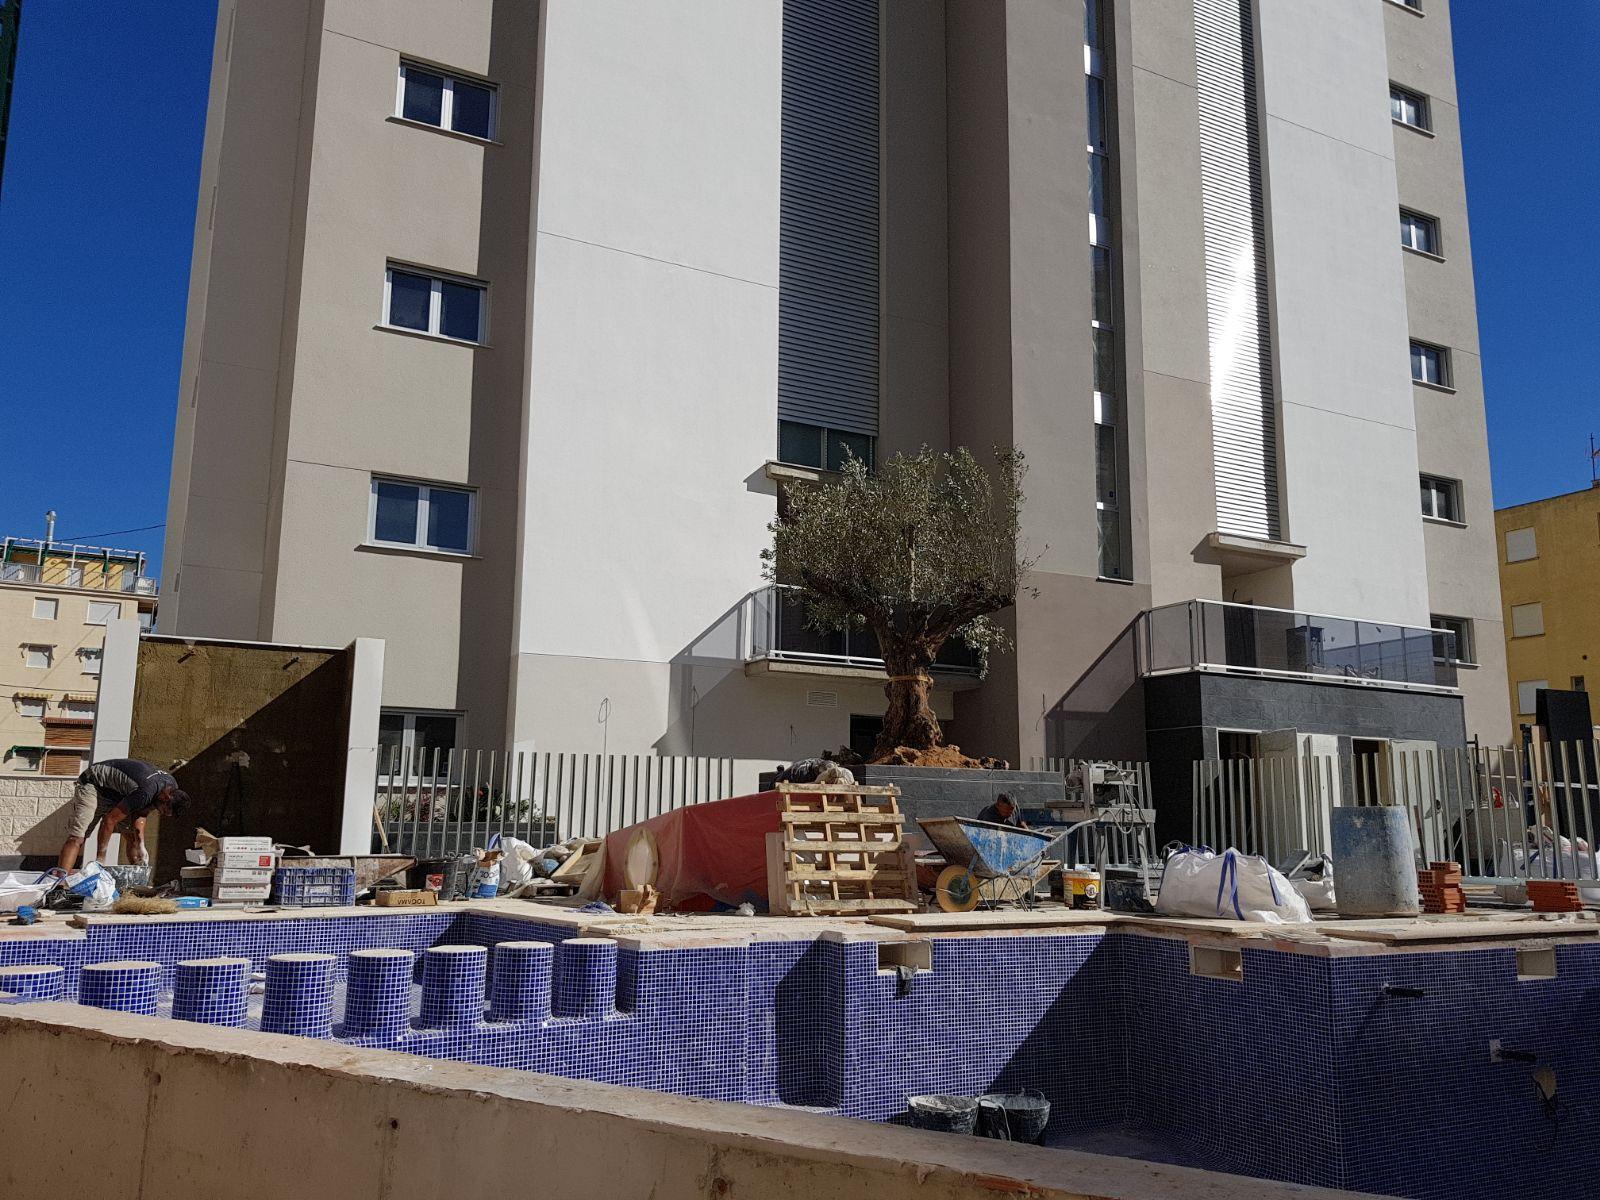 Vista de las zonas comunes. Vista de las piscina y fachada trasera del edificio.